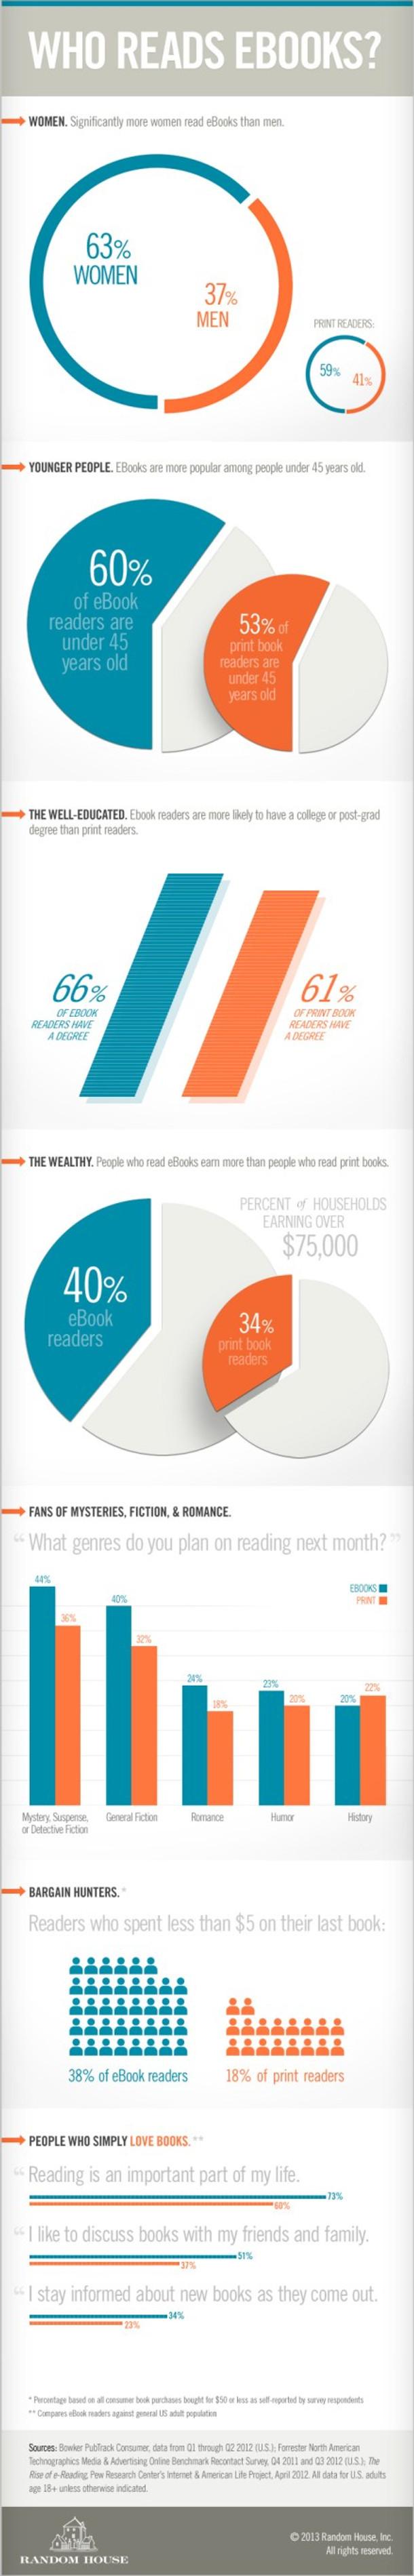 random house: who reads ebooks?